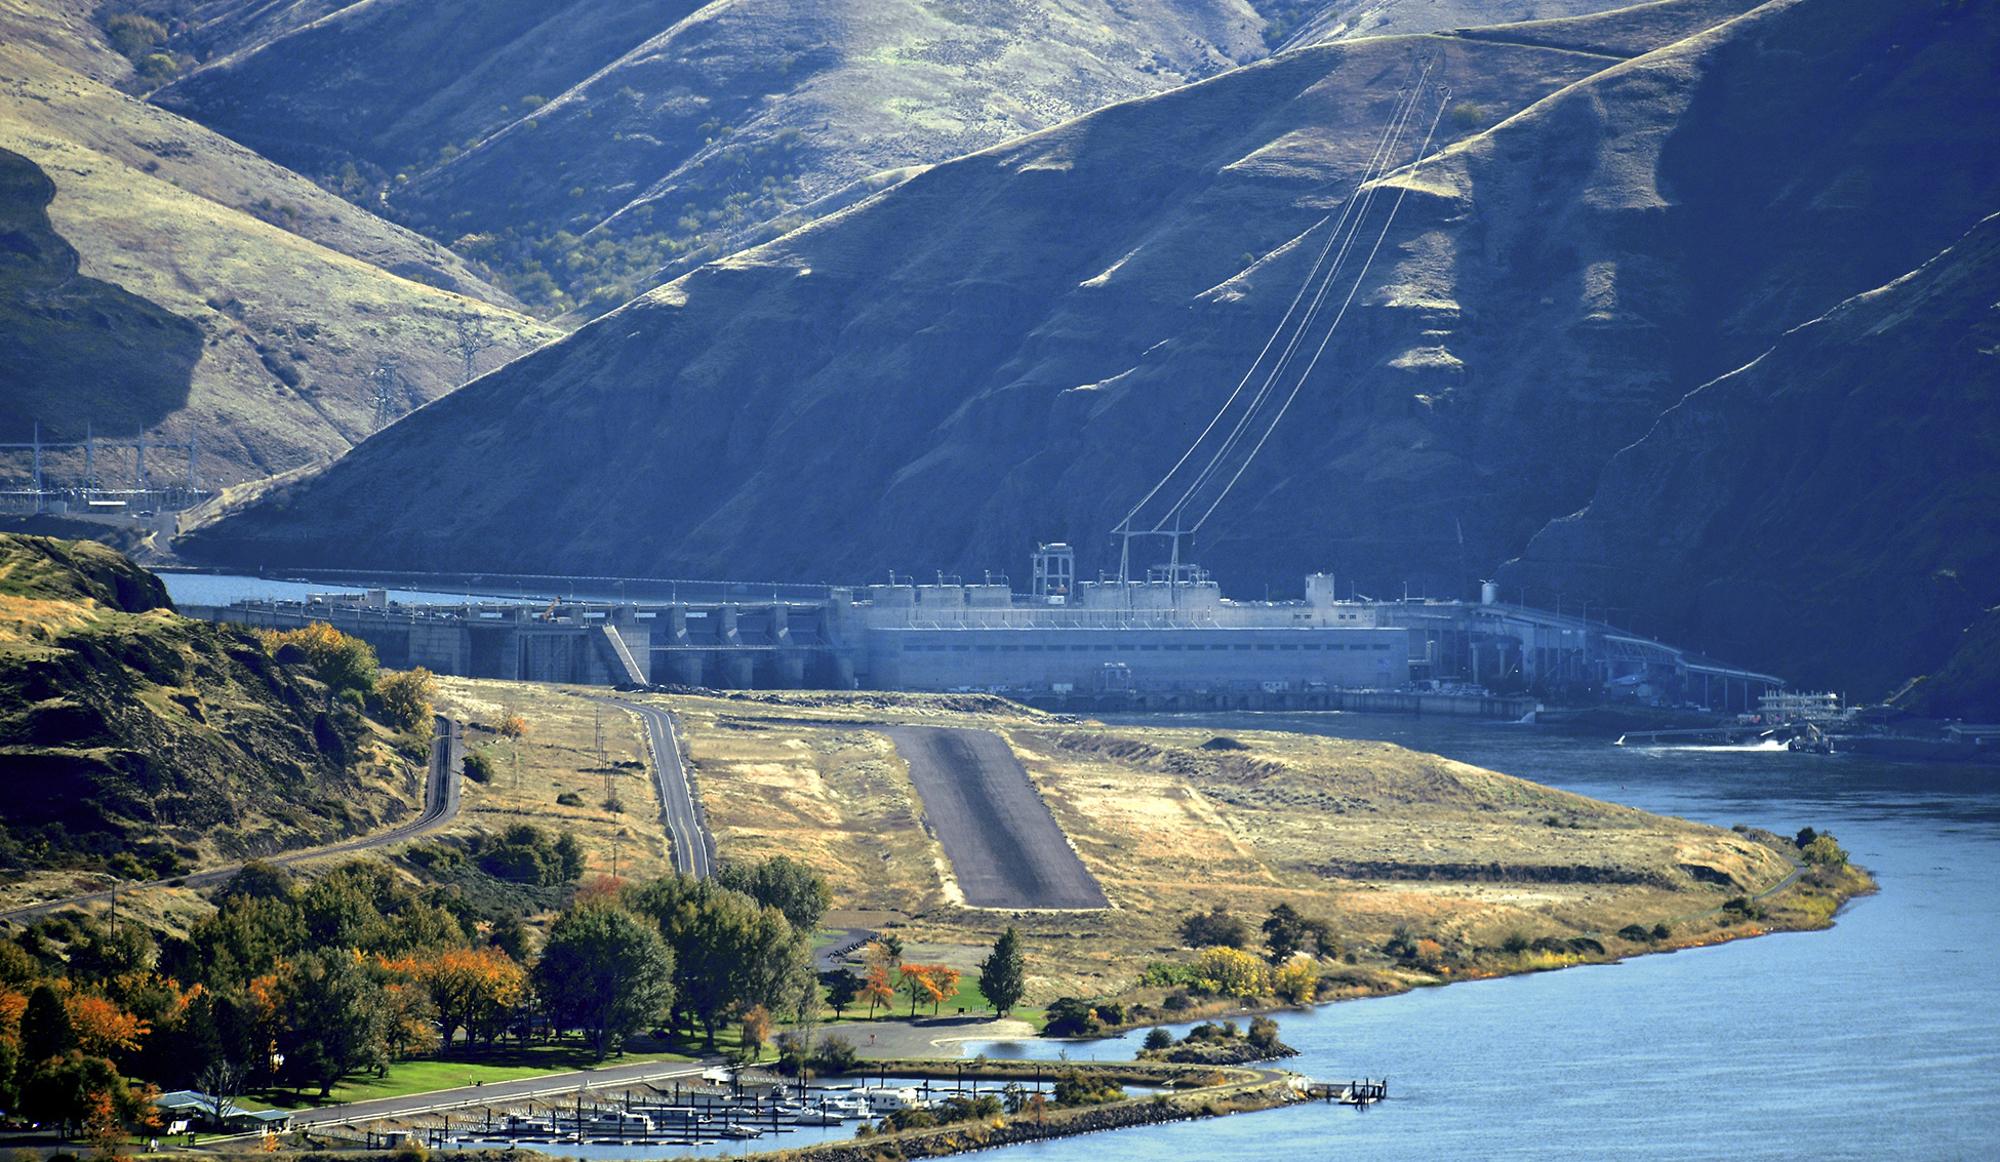 Cultural Sites Dams